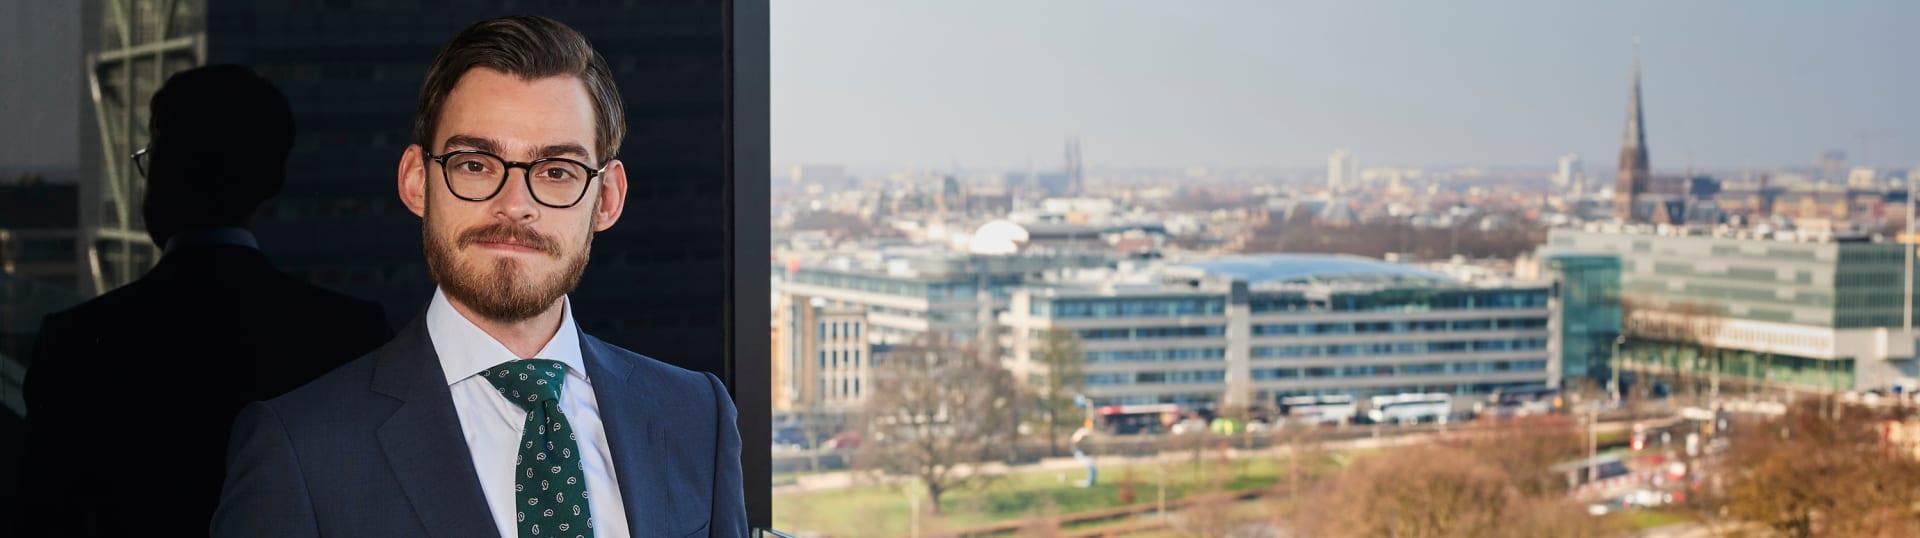 Matthijs Timmer, advocaat Pels Rijcken